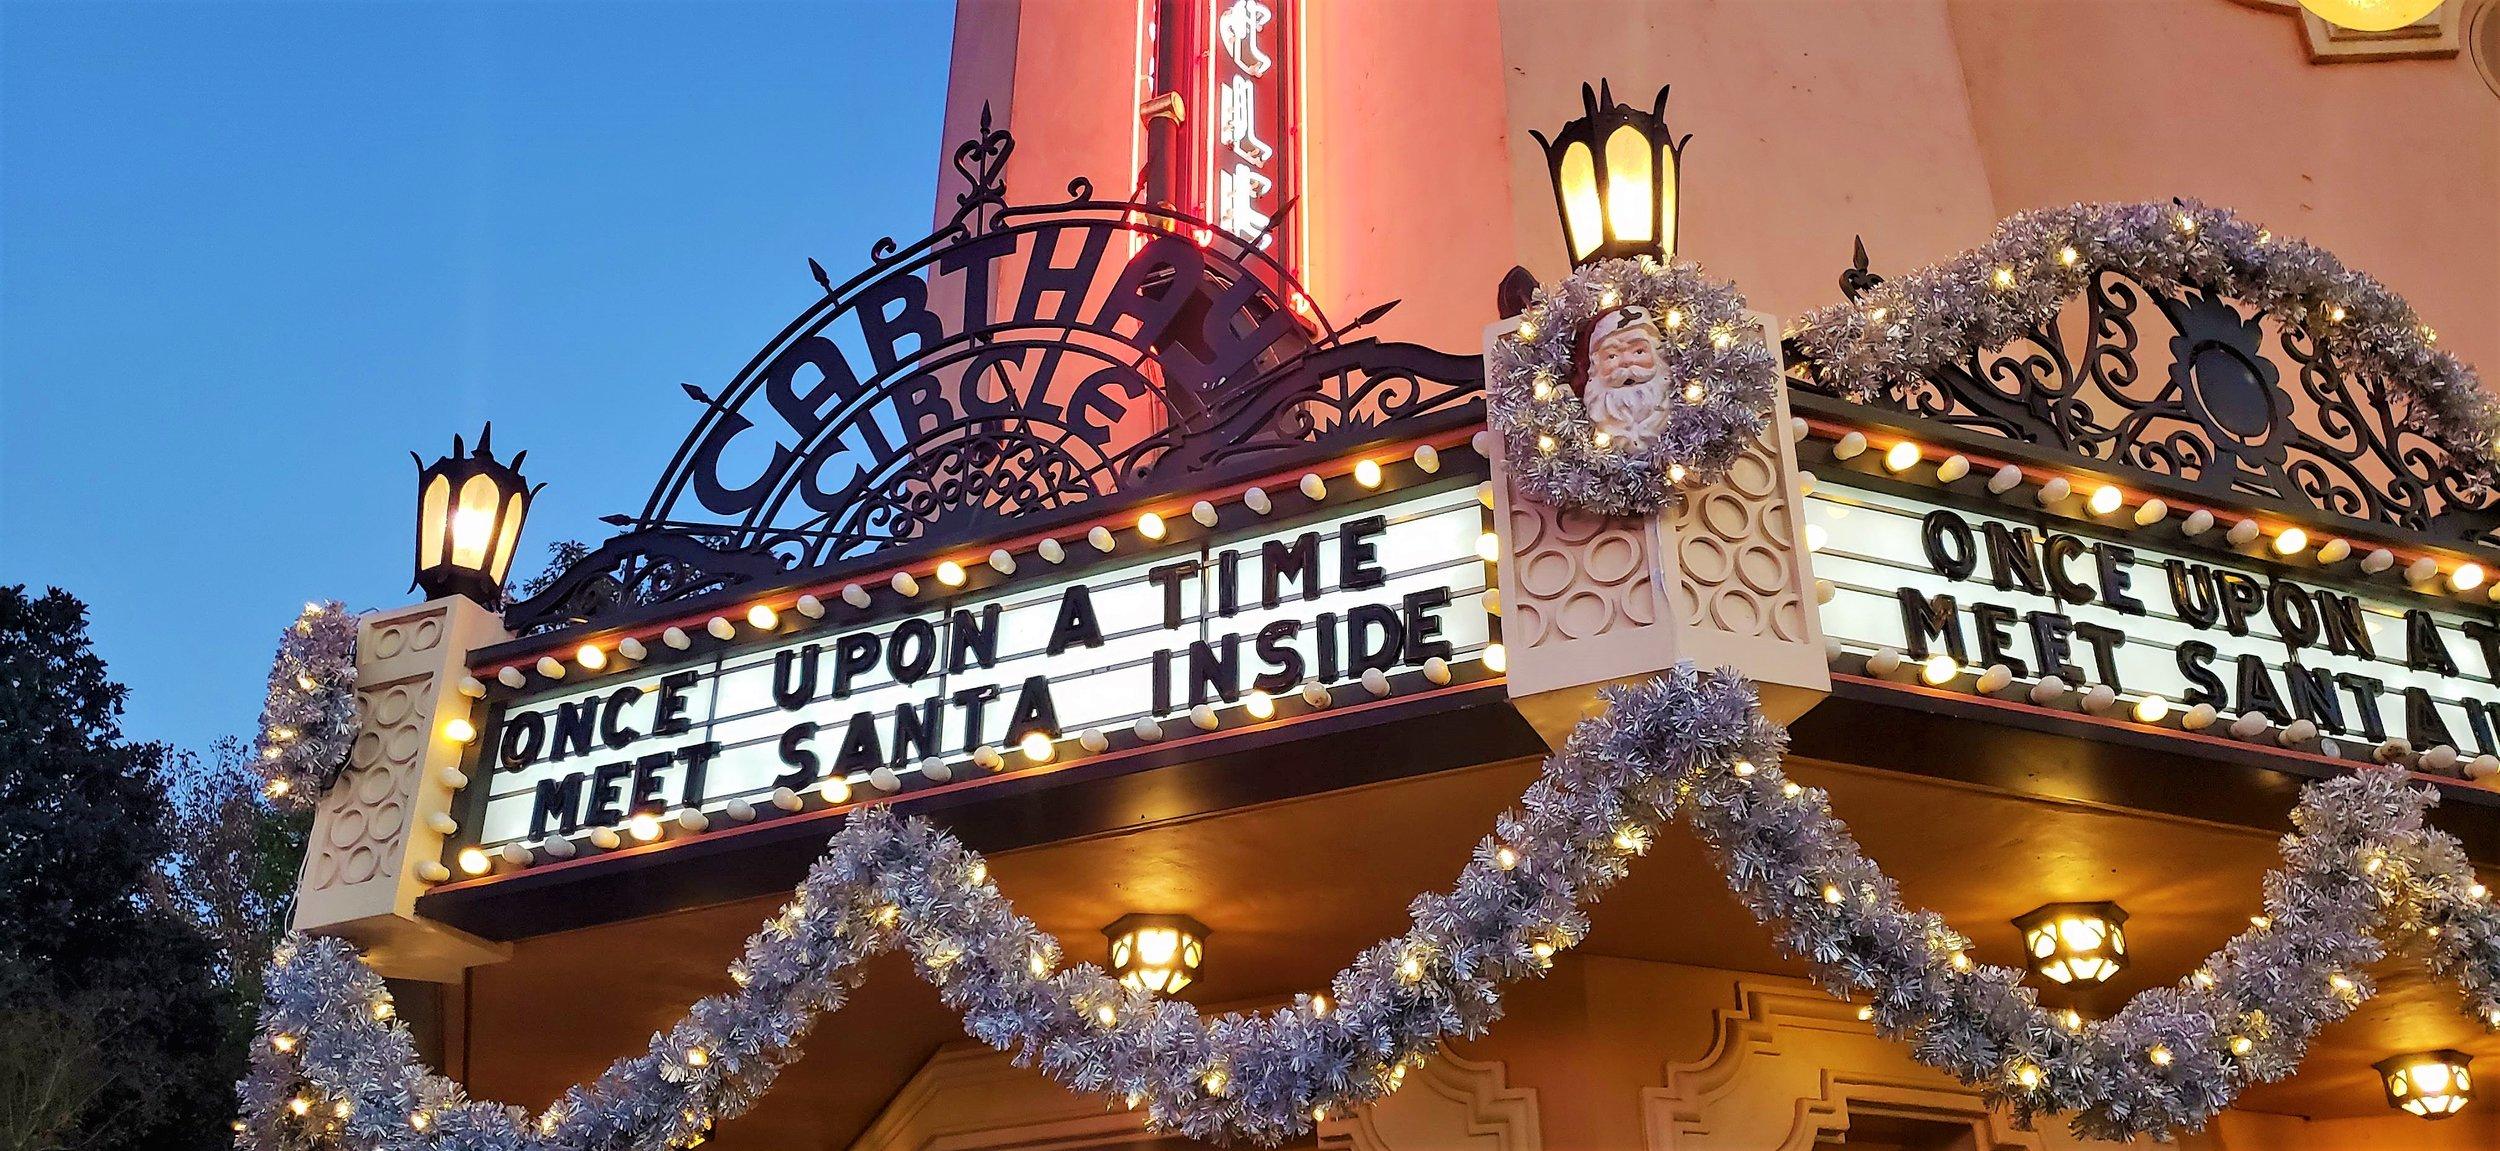 Meet Santa Disney.jpg